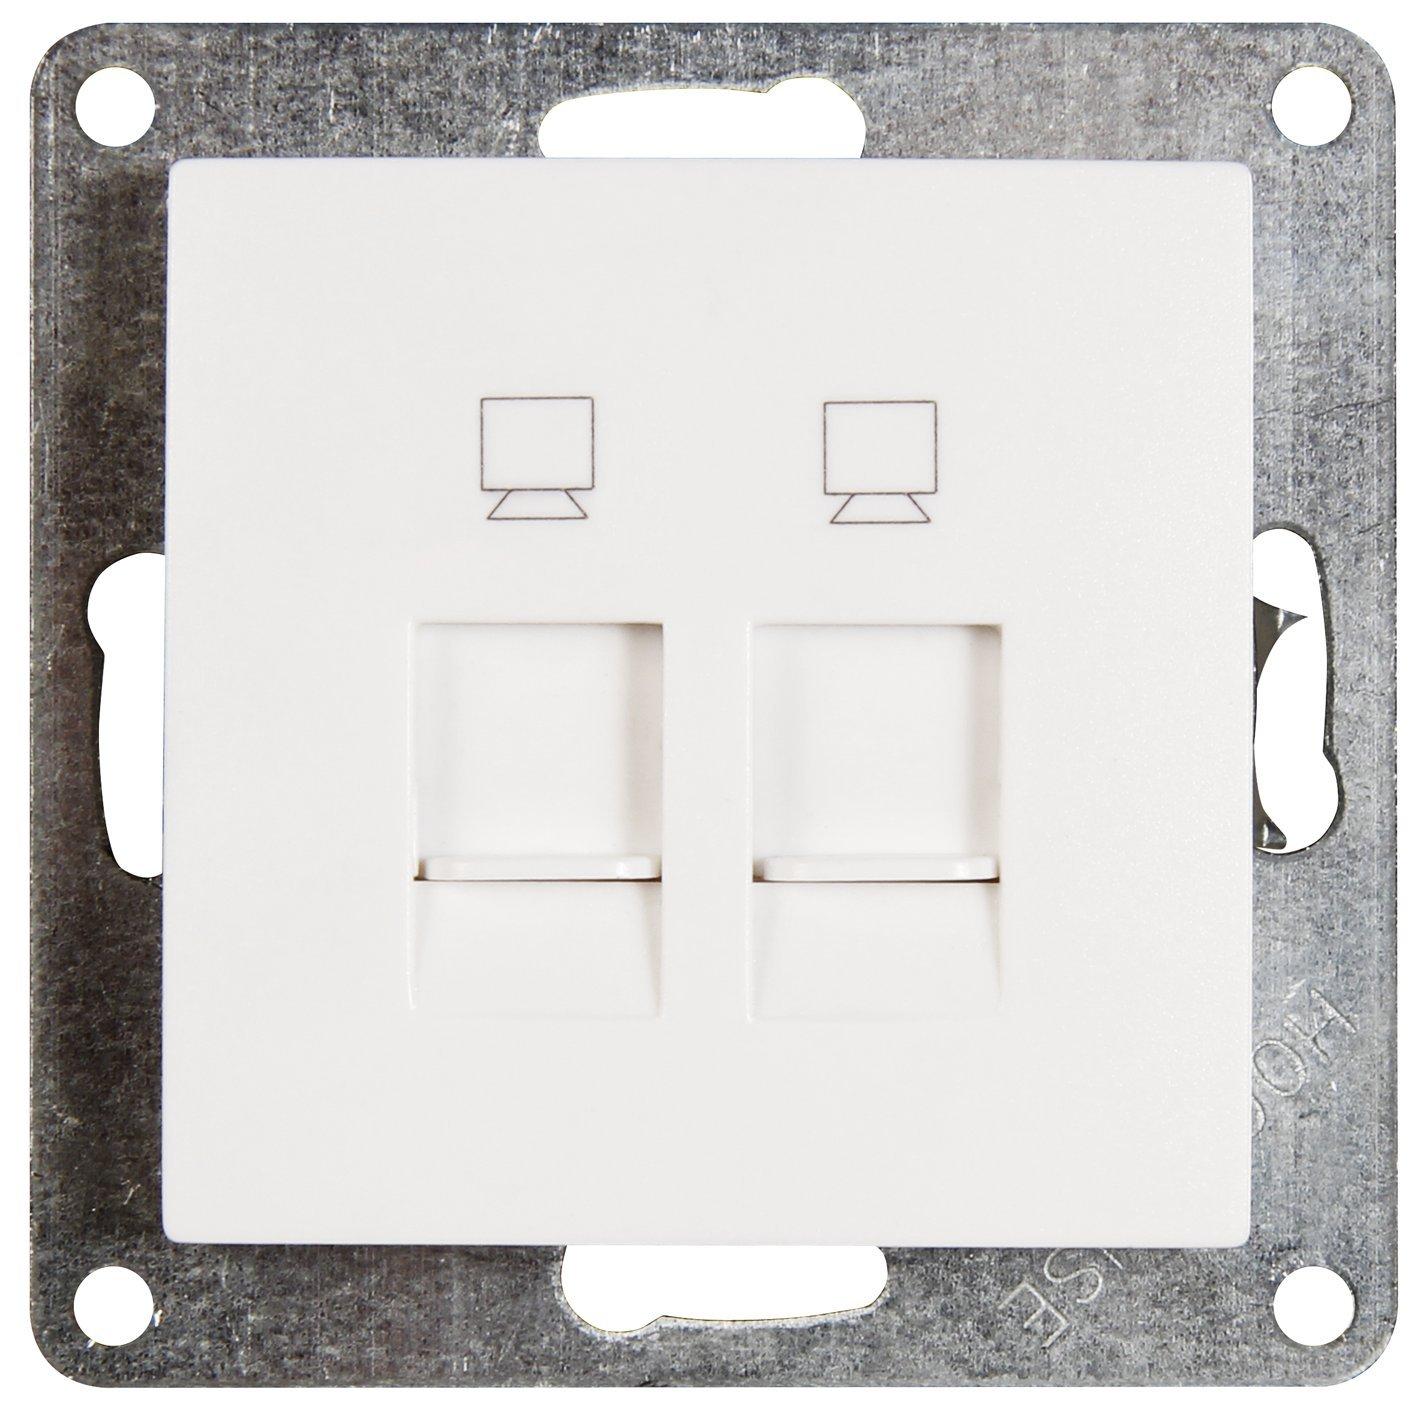 FLAIR Netzwerkdose weiß , 250V~/10A, UP, 2x RJ45 ETT 1534849